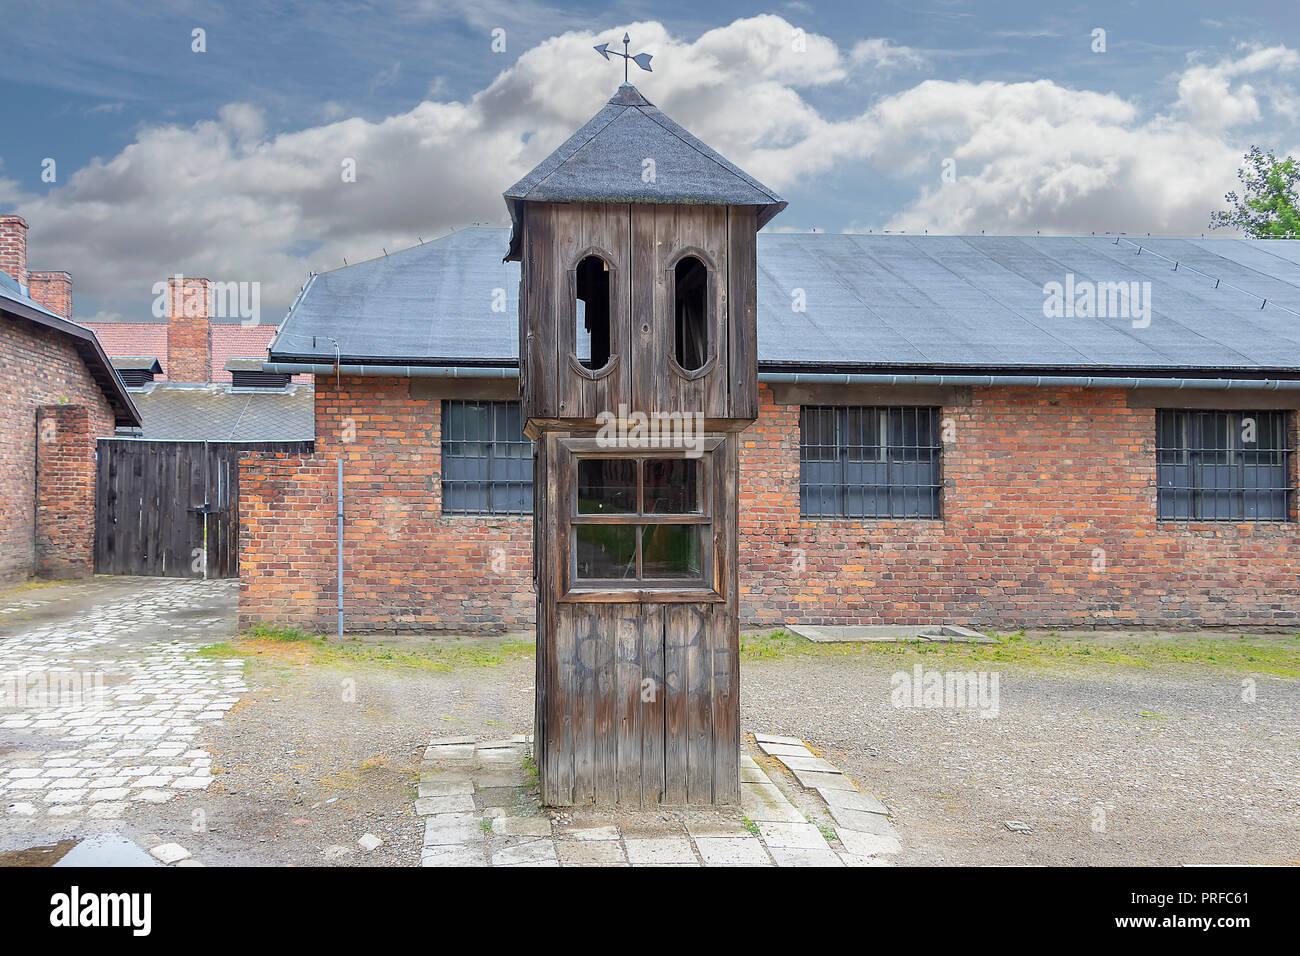 Der Gefangene Baracke in Konzentrations- und Vernichtungslager Auschwitz errichtet und von Nazi-deutschland in deutschen Betrieben - Polen vom Dritten Reich besetzt Stockbild